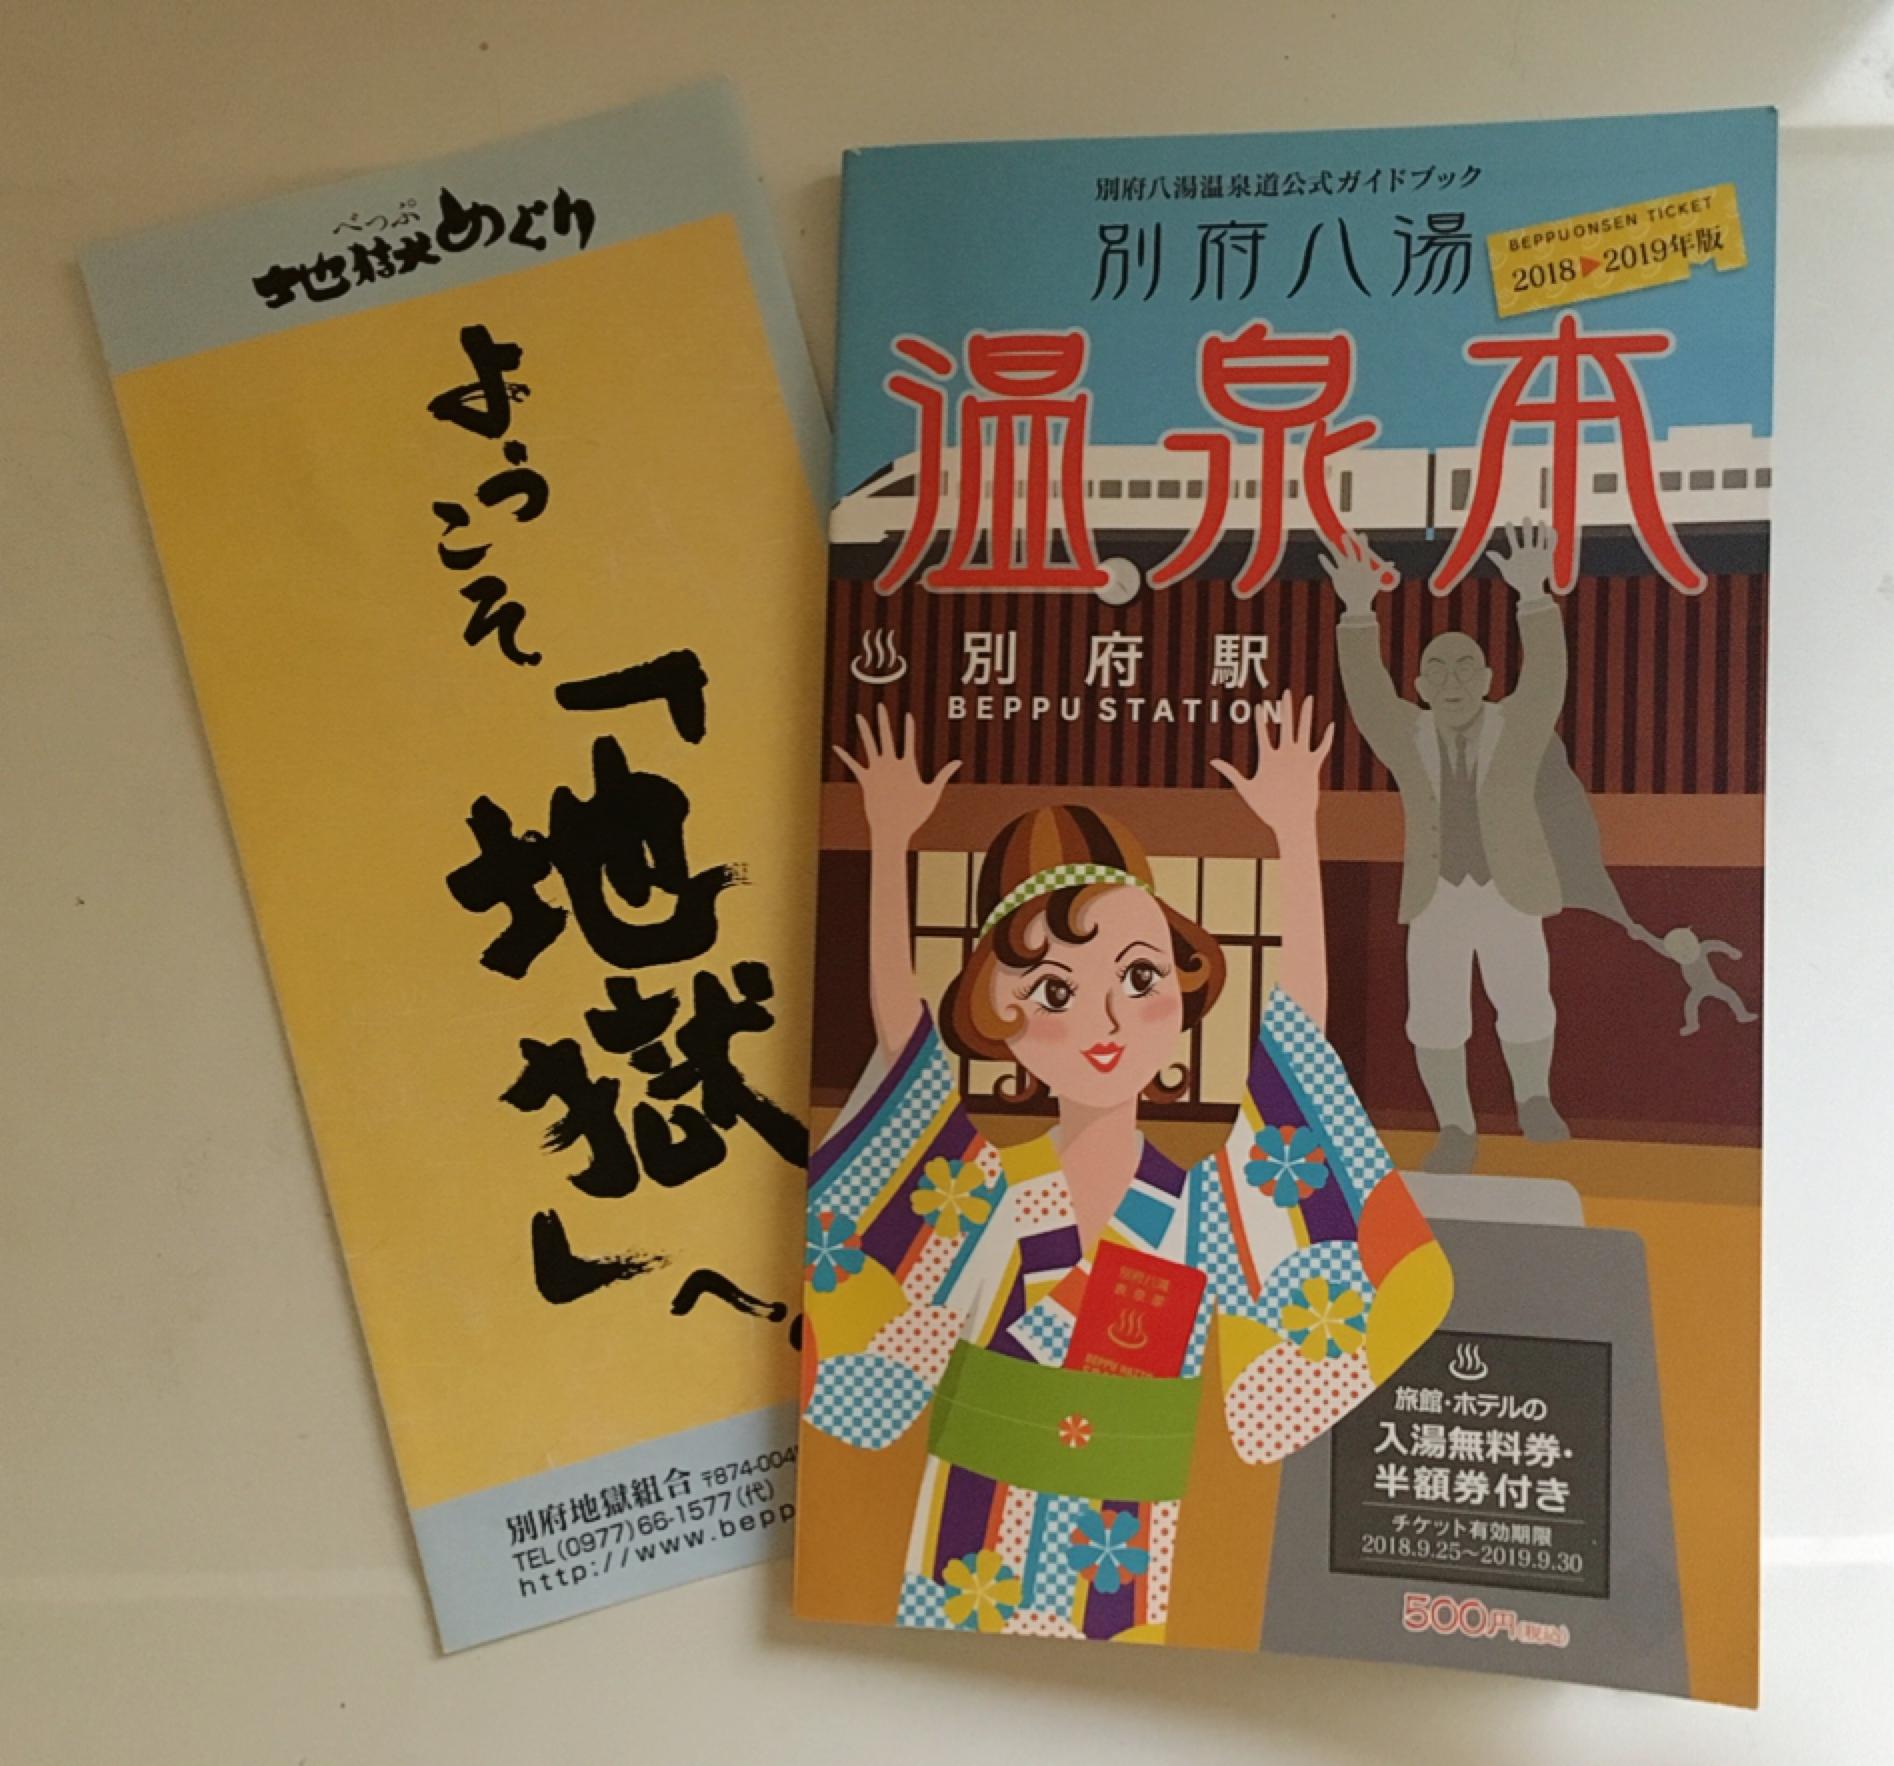 お得チケット付きの別府八湯温泉本(右)。いま発売中のものは2019年9月まで使えます